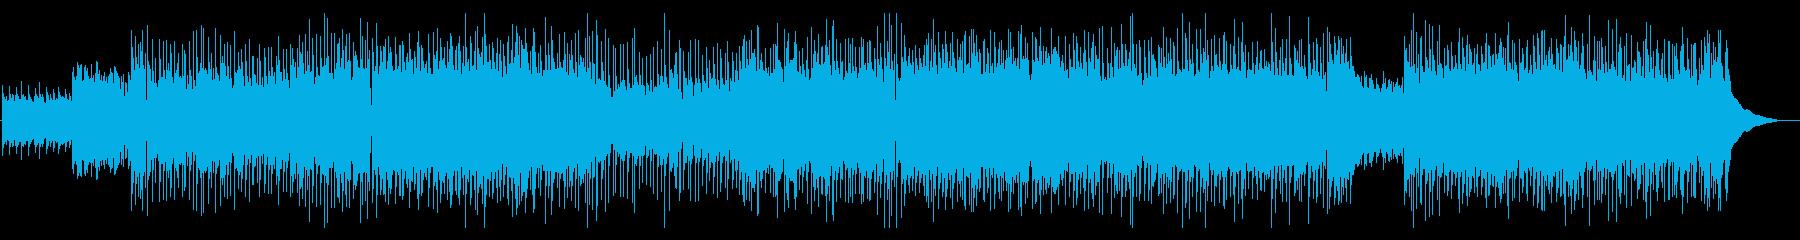 ほのぼのとしたカントリーポップBGMの再生済みの波形